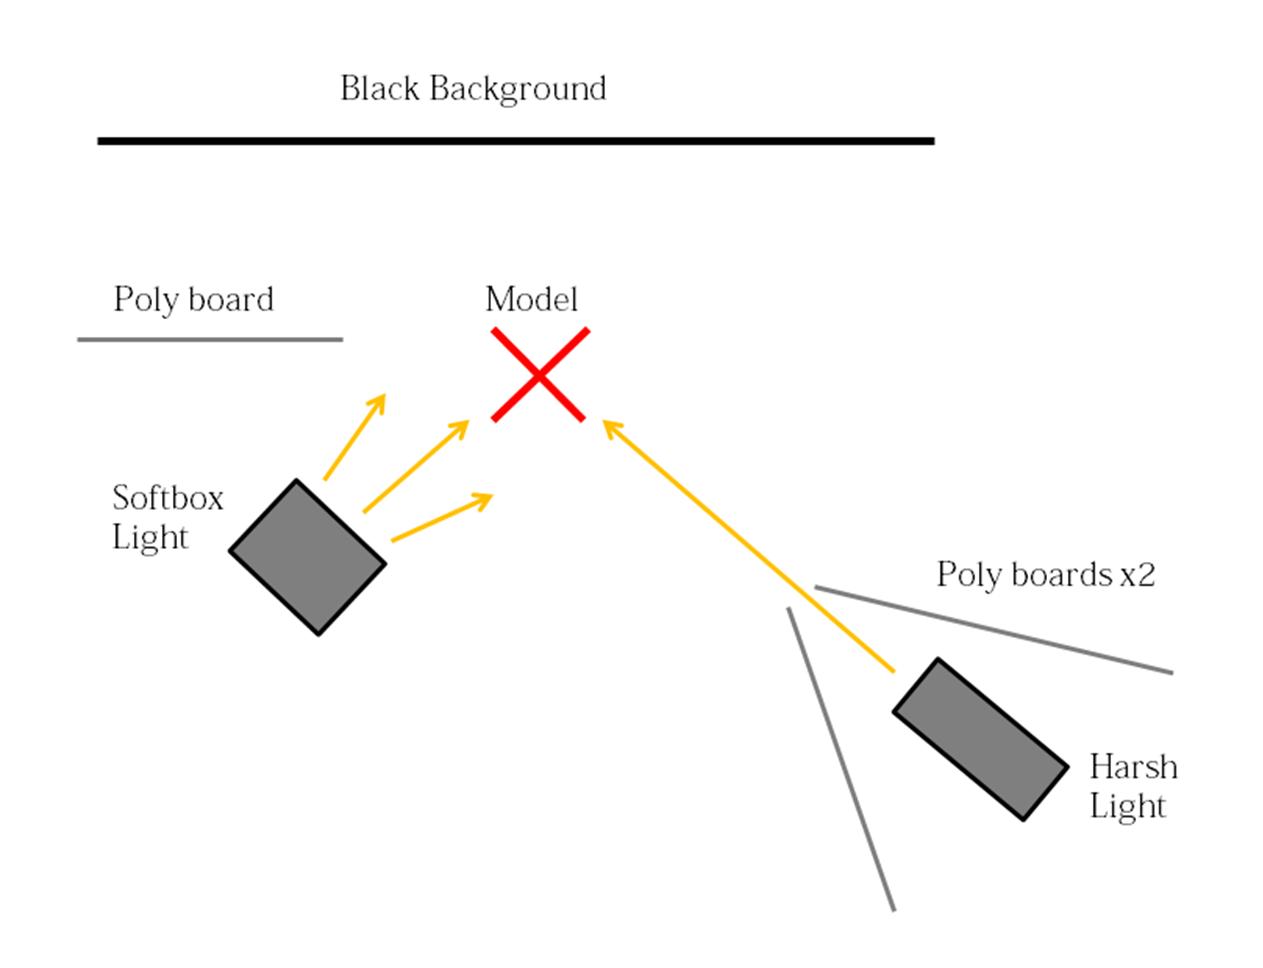 studio lighting diagram 2005 jeep wrangler starter wiring irving penn louise learning journal